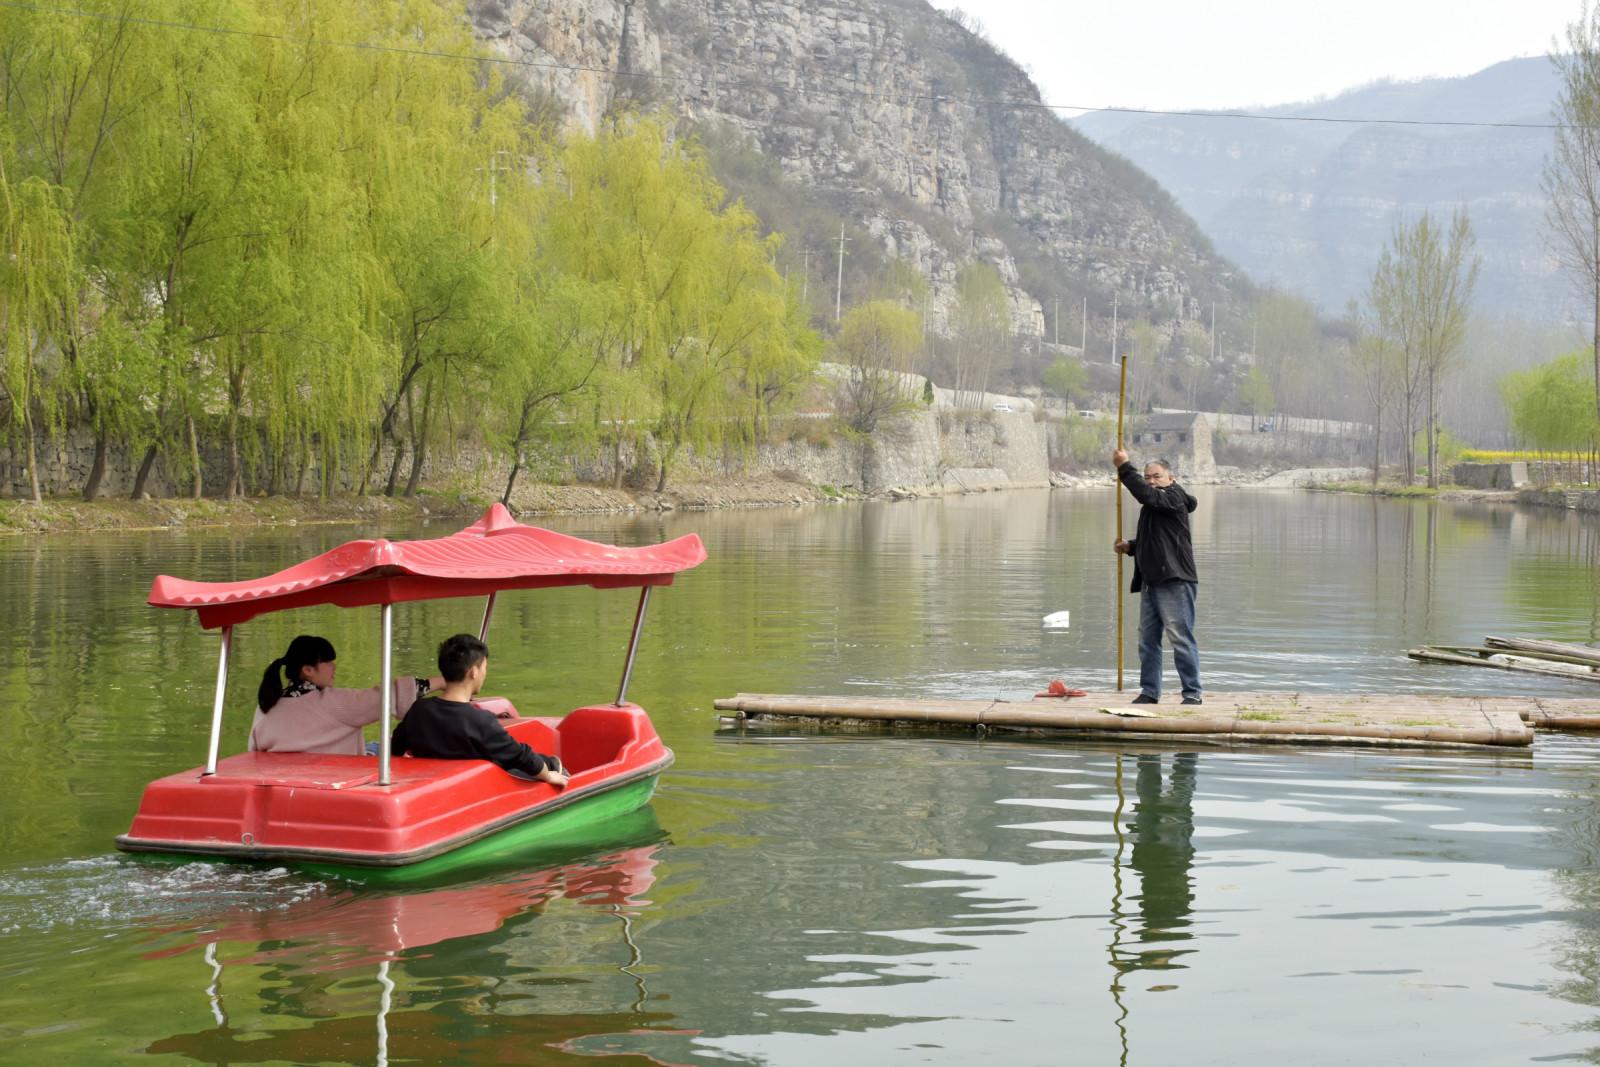 三渡湾风景区聆听春风,阅读绿水,寻找城市喧嚣之外的